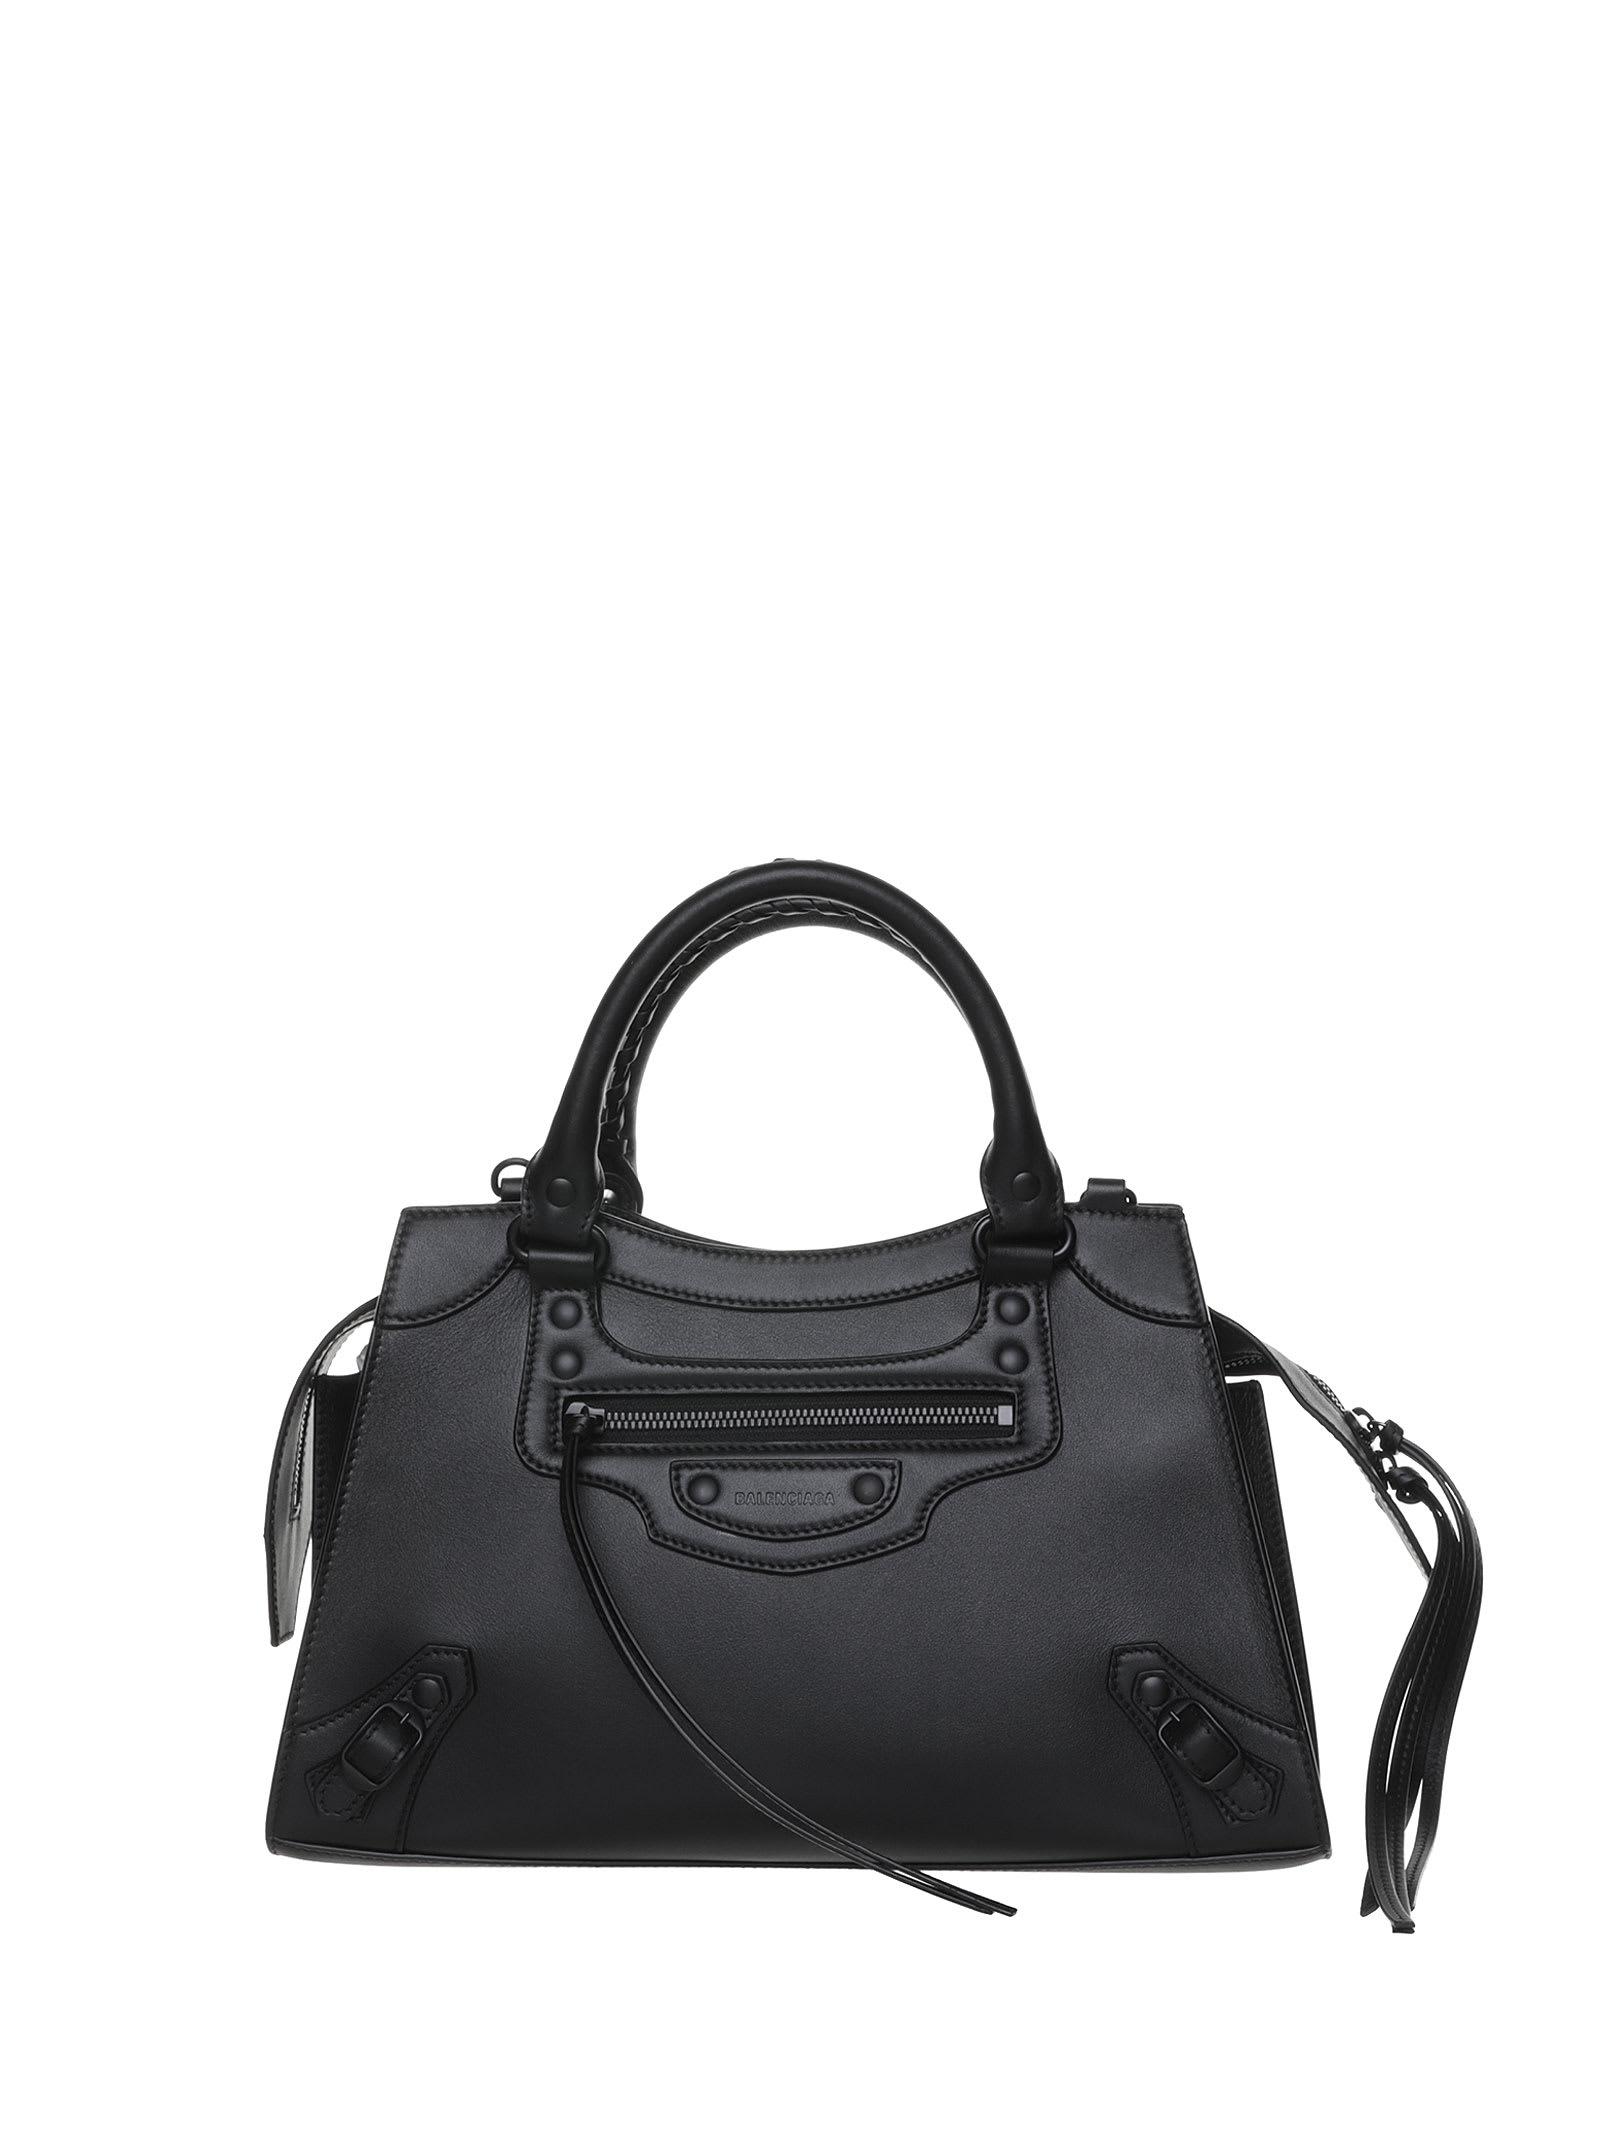 Balenciaga Balenciaga Small Neo Classic Top Handle Bag